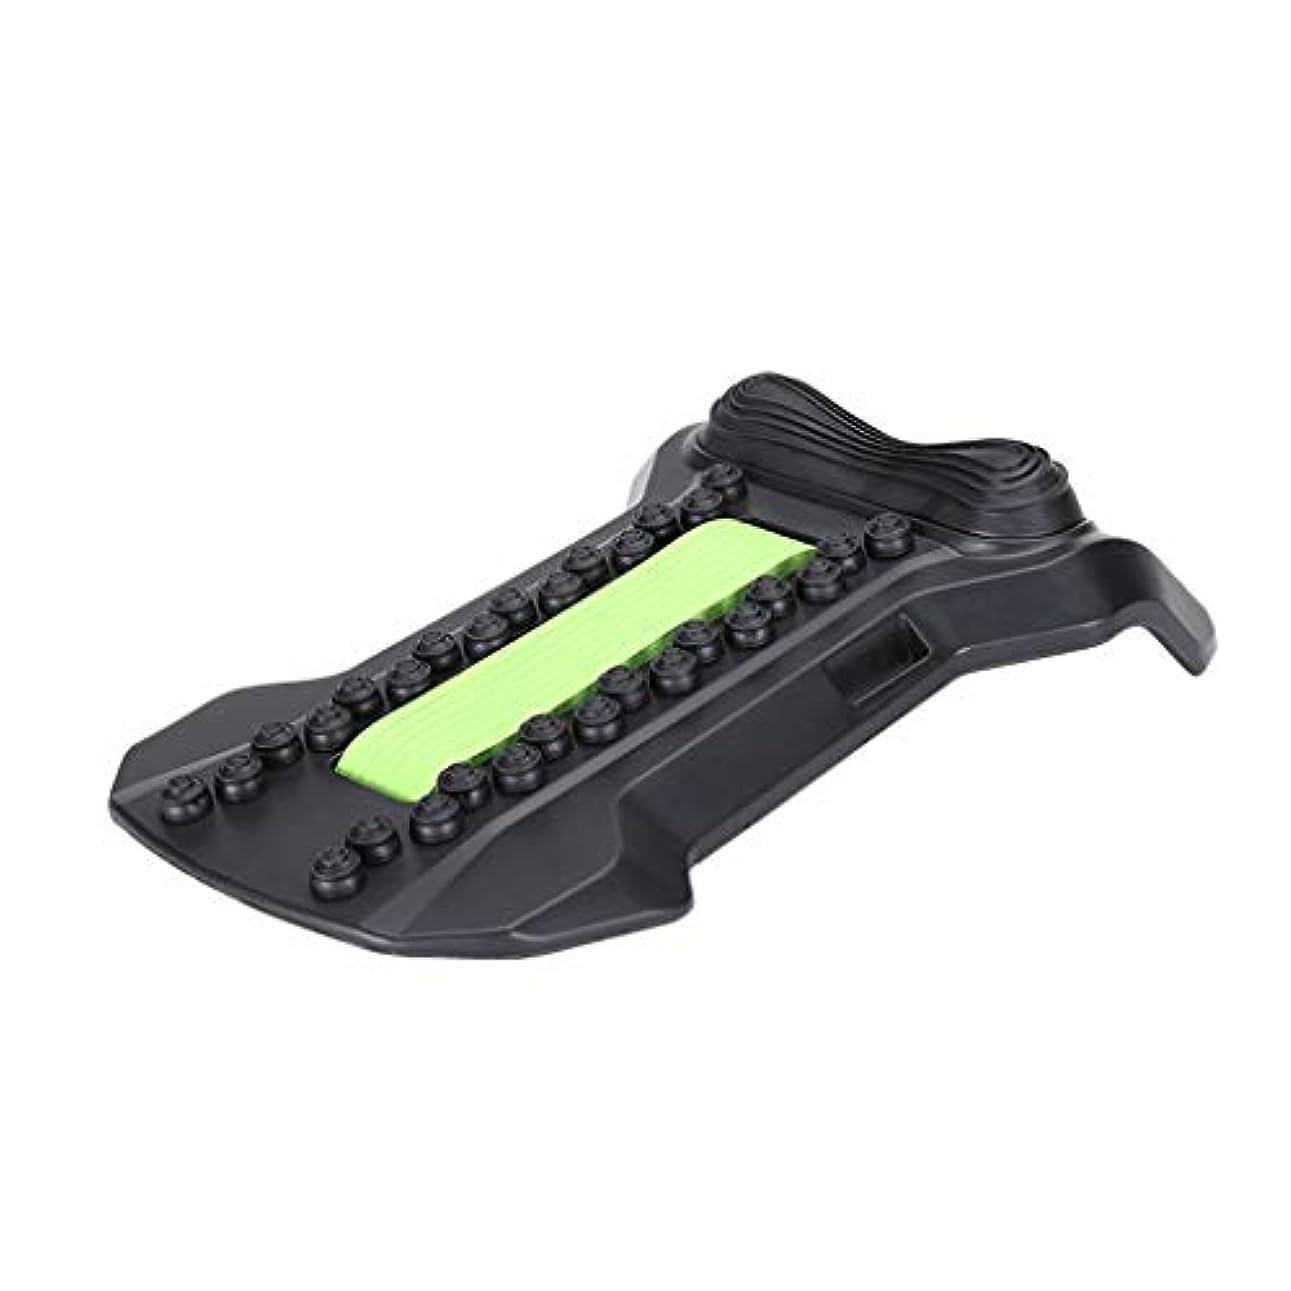 件名コンデンサーワーディアンケース背部マッサージャーの伸張装置、腰椎サポート弛緩の魔法の伸張器の適性の仲間の脊椎の痛みを和らげるカイロプラクター,Green